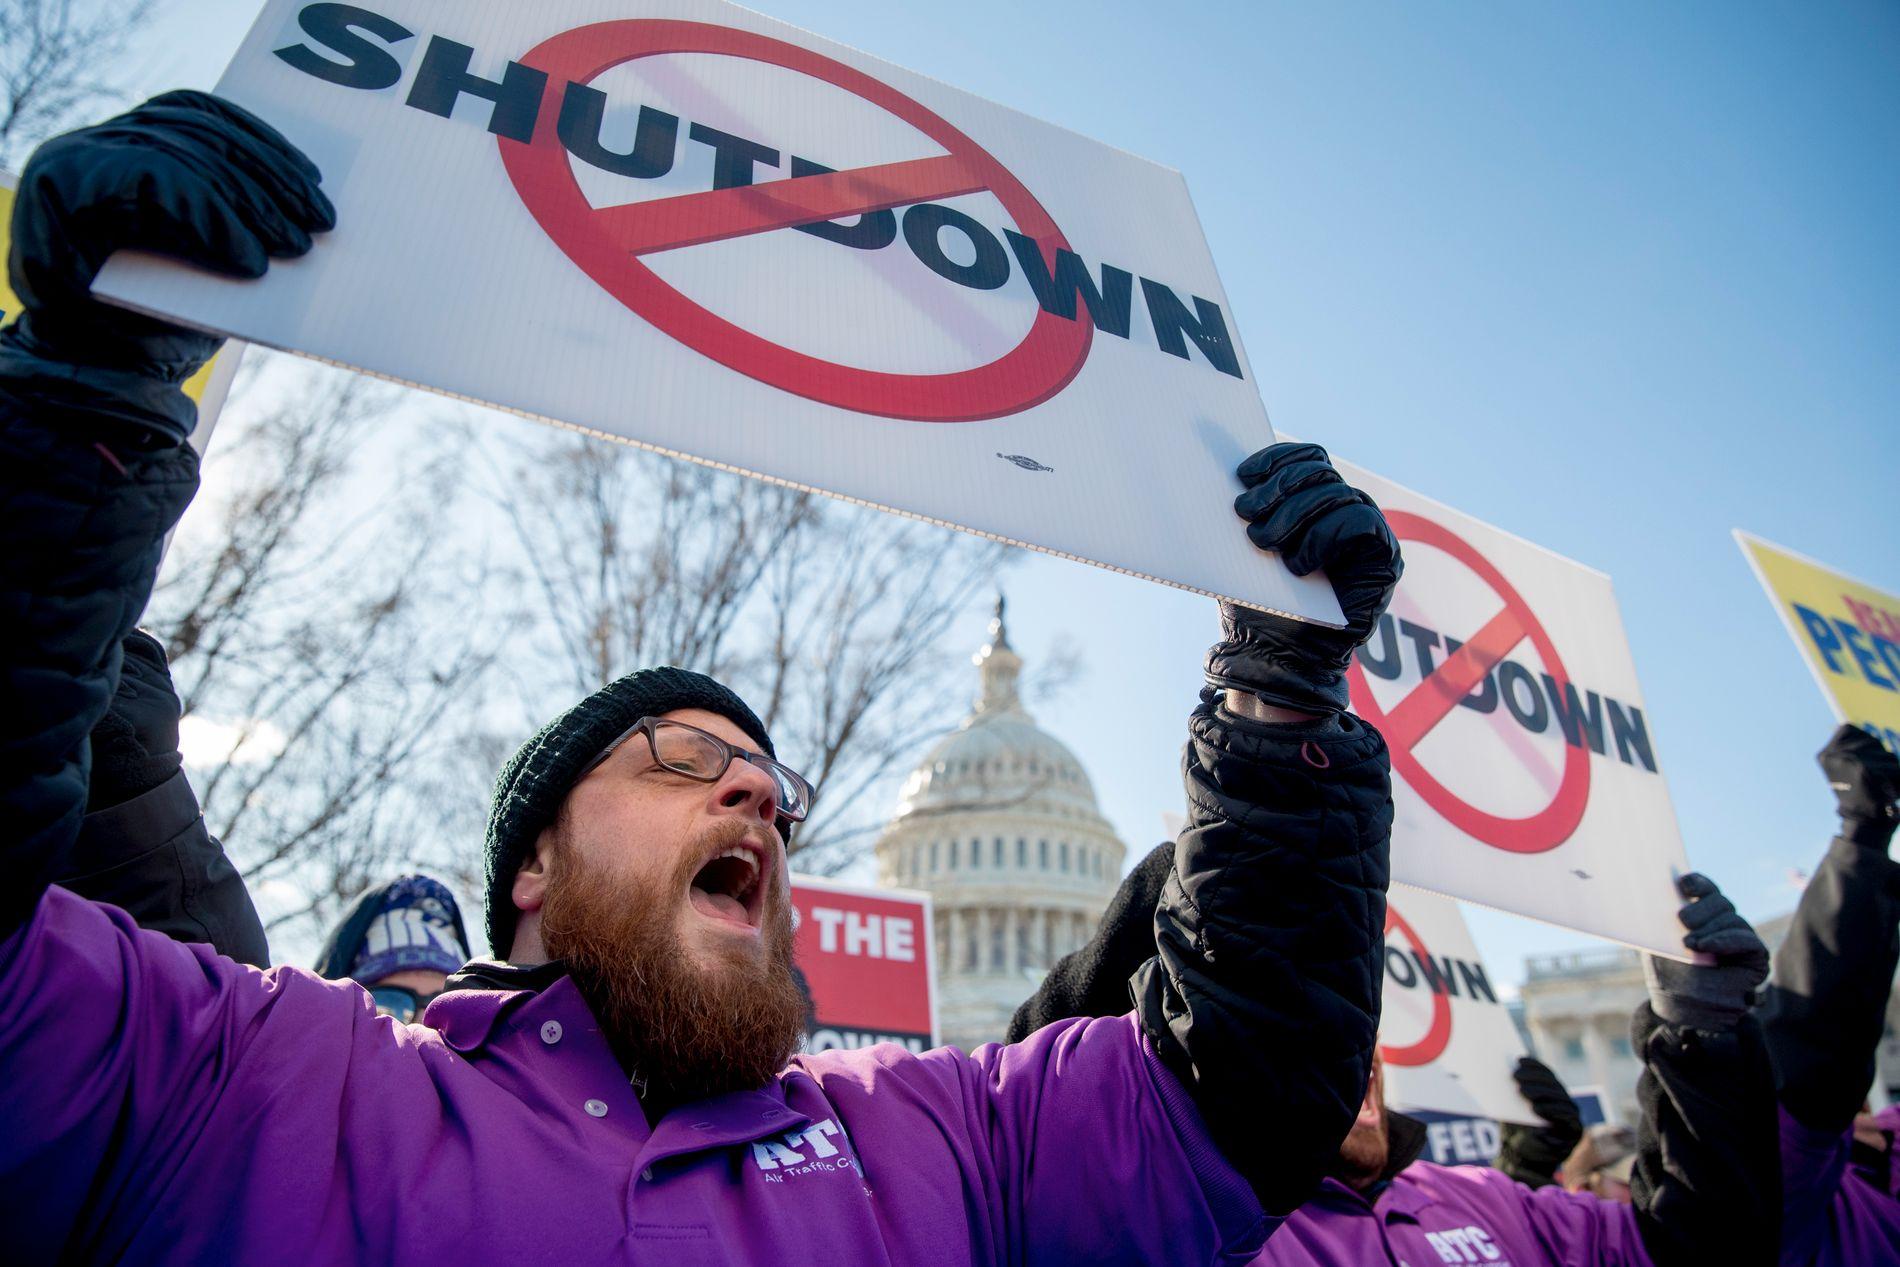 UBETALT ARBEID: Amerikanske flygeledere demonstrerer mot nedstengningen utenfor kongressbygningen i Washington D.C. Nå har fagforeningen deres gått til søksmål mot Trump.